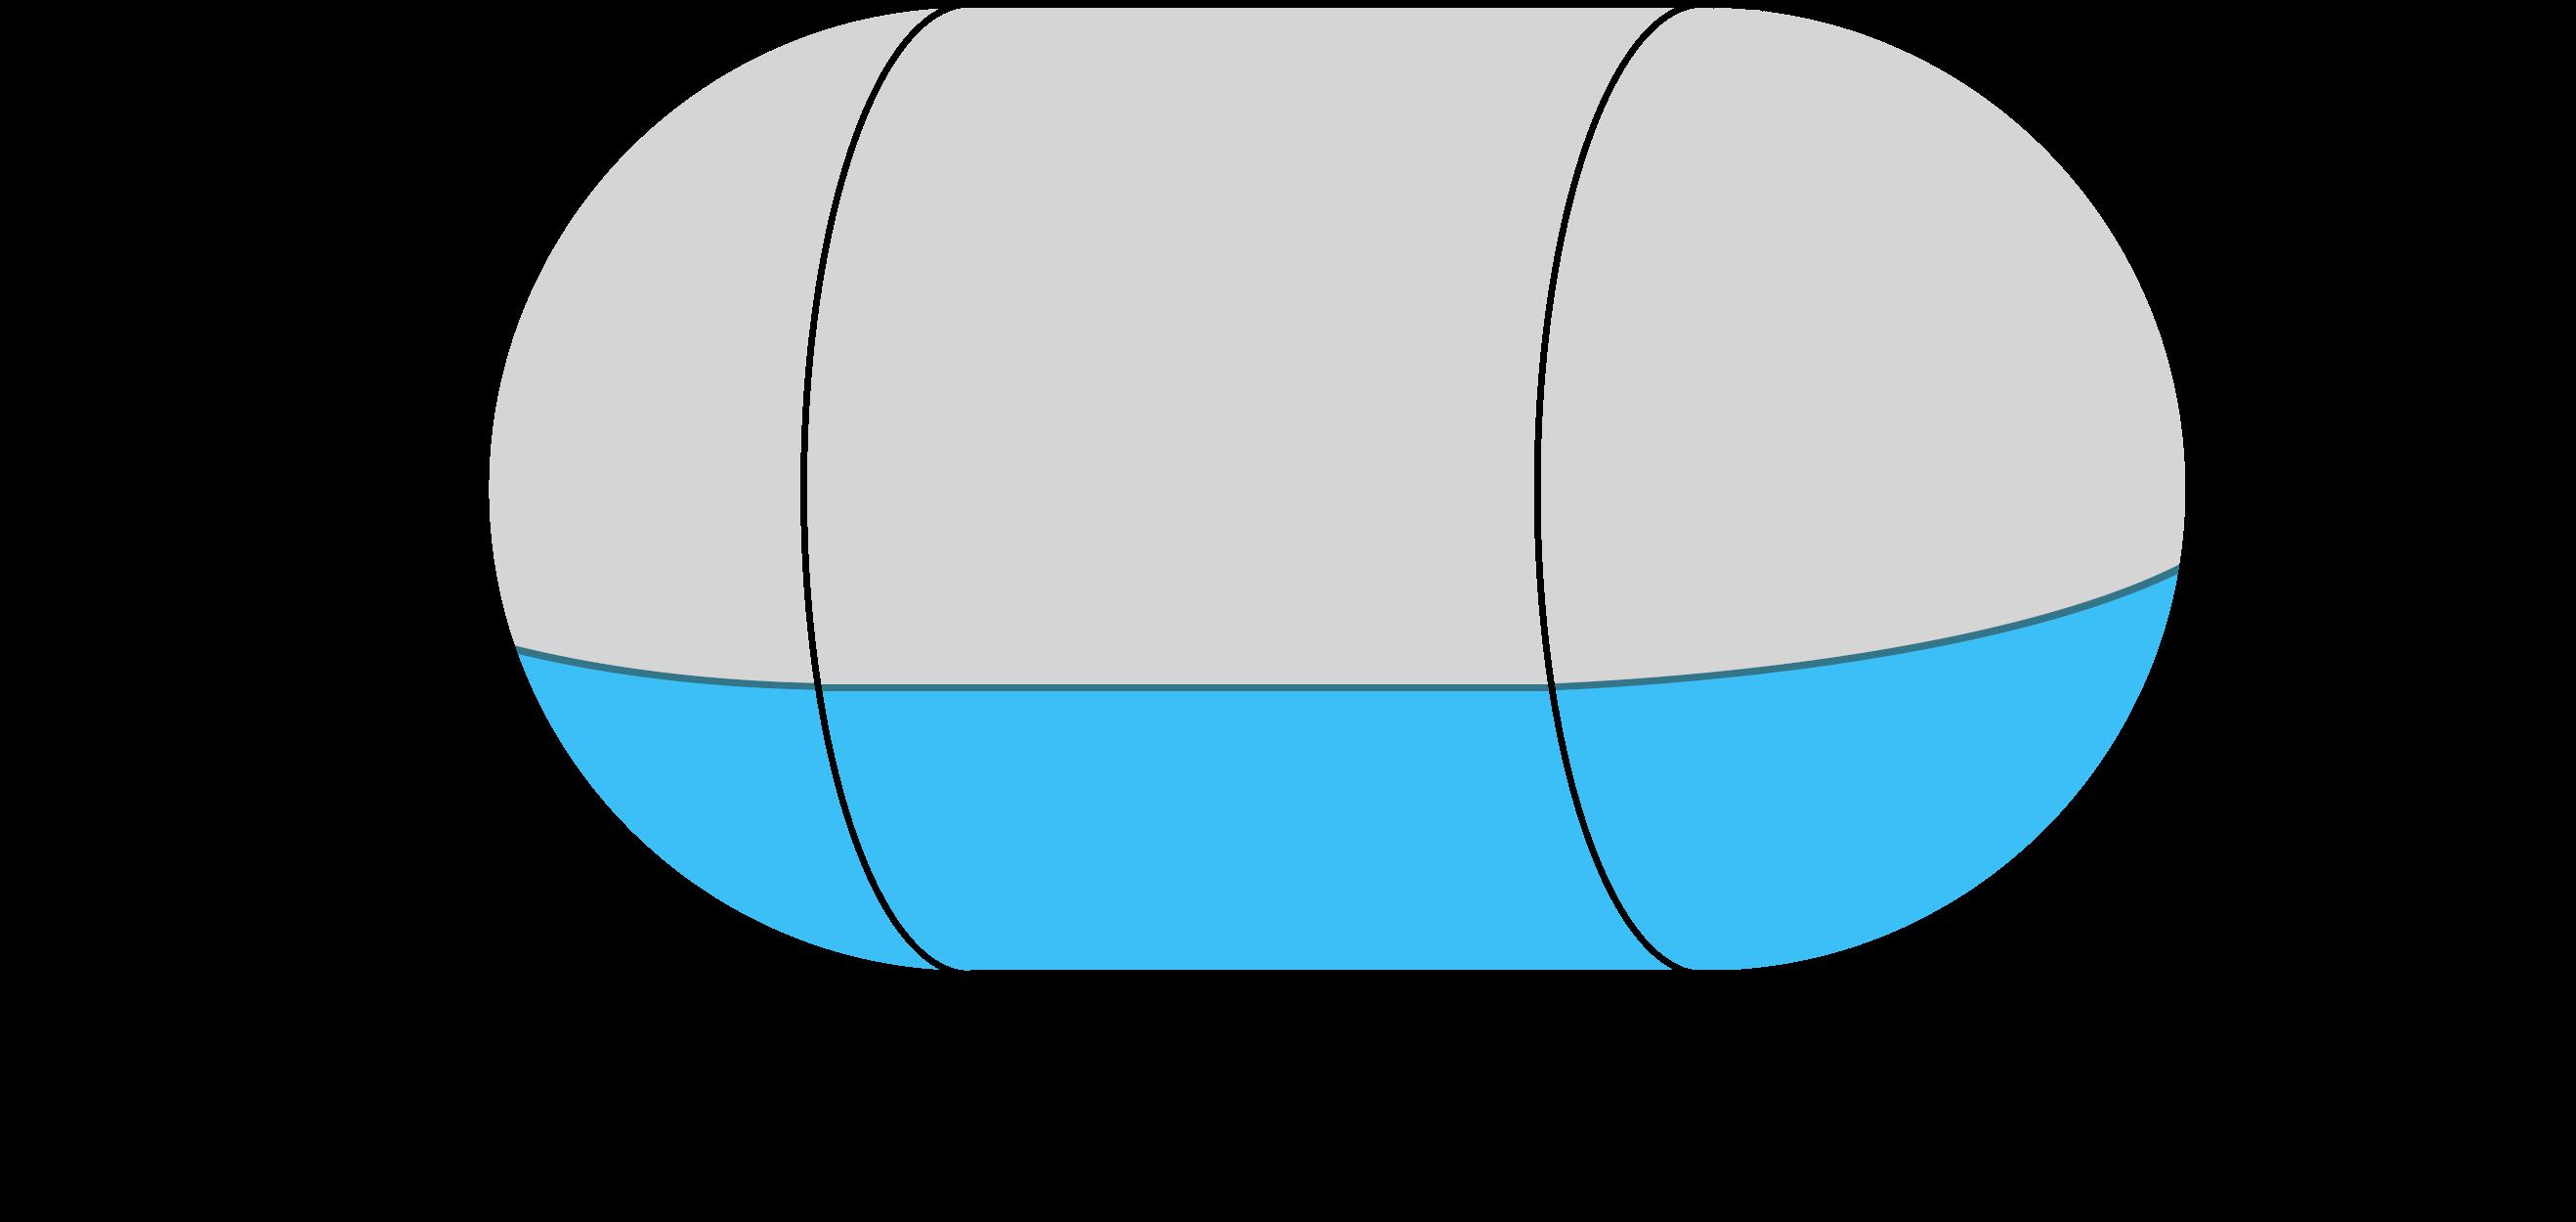 horizontal capsule tank diagram showing side length, diameter, and fill depth dimensions